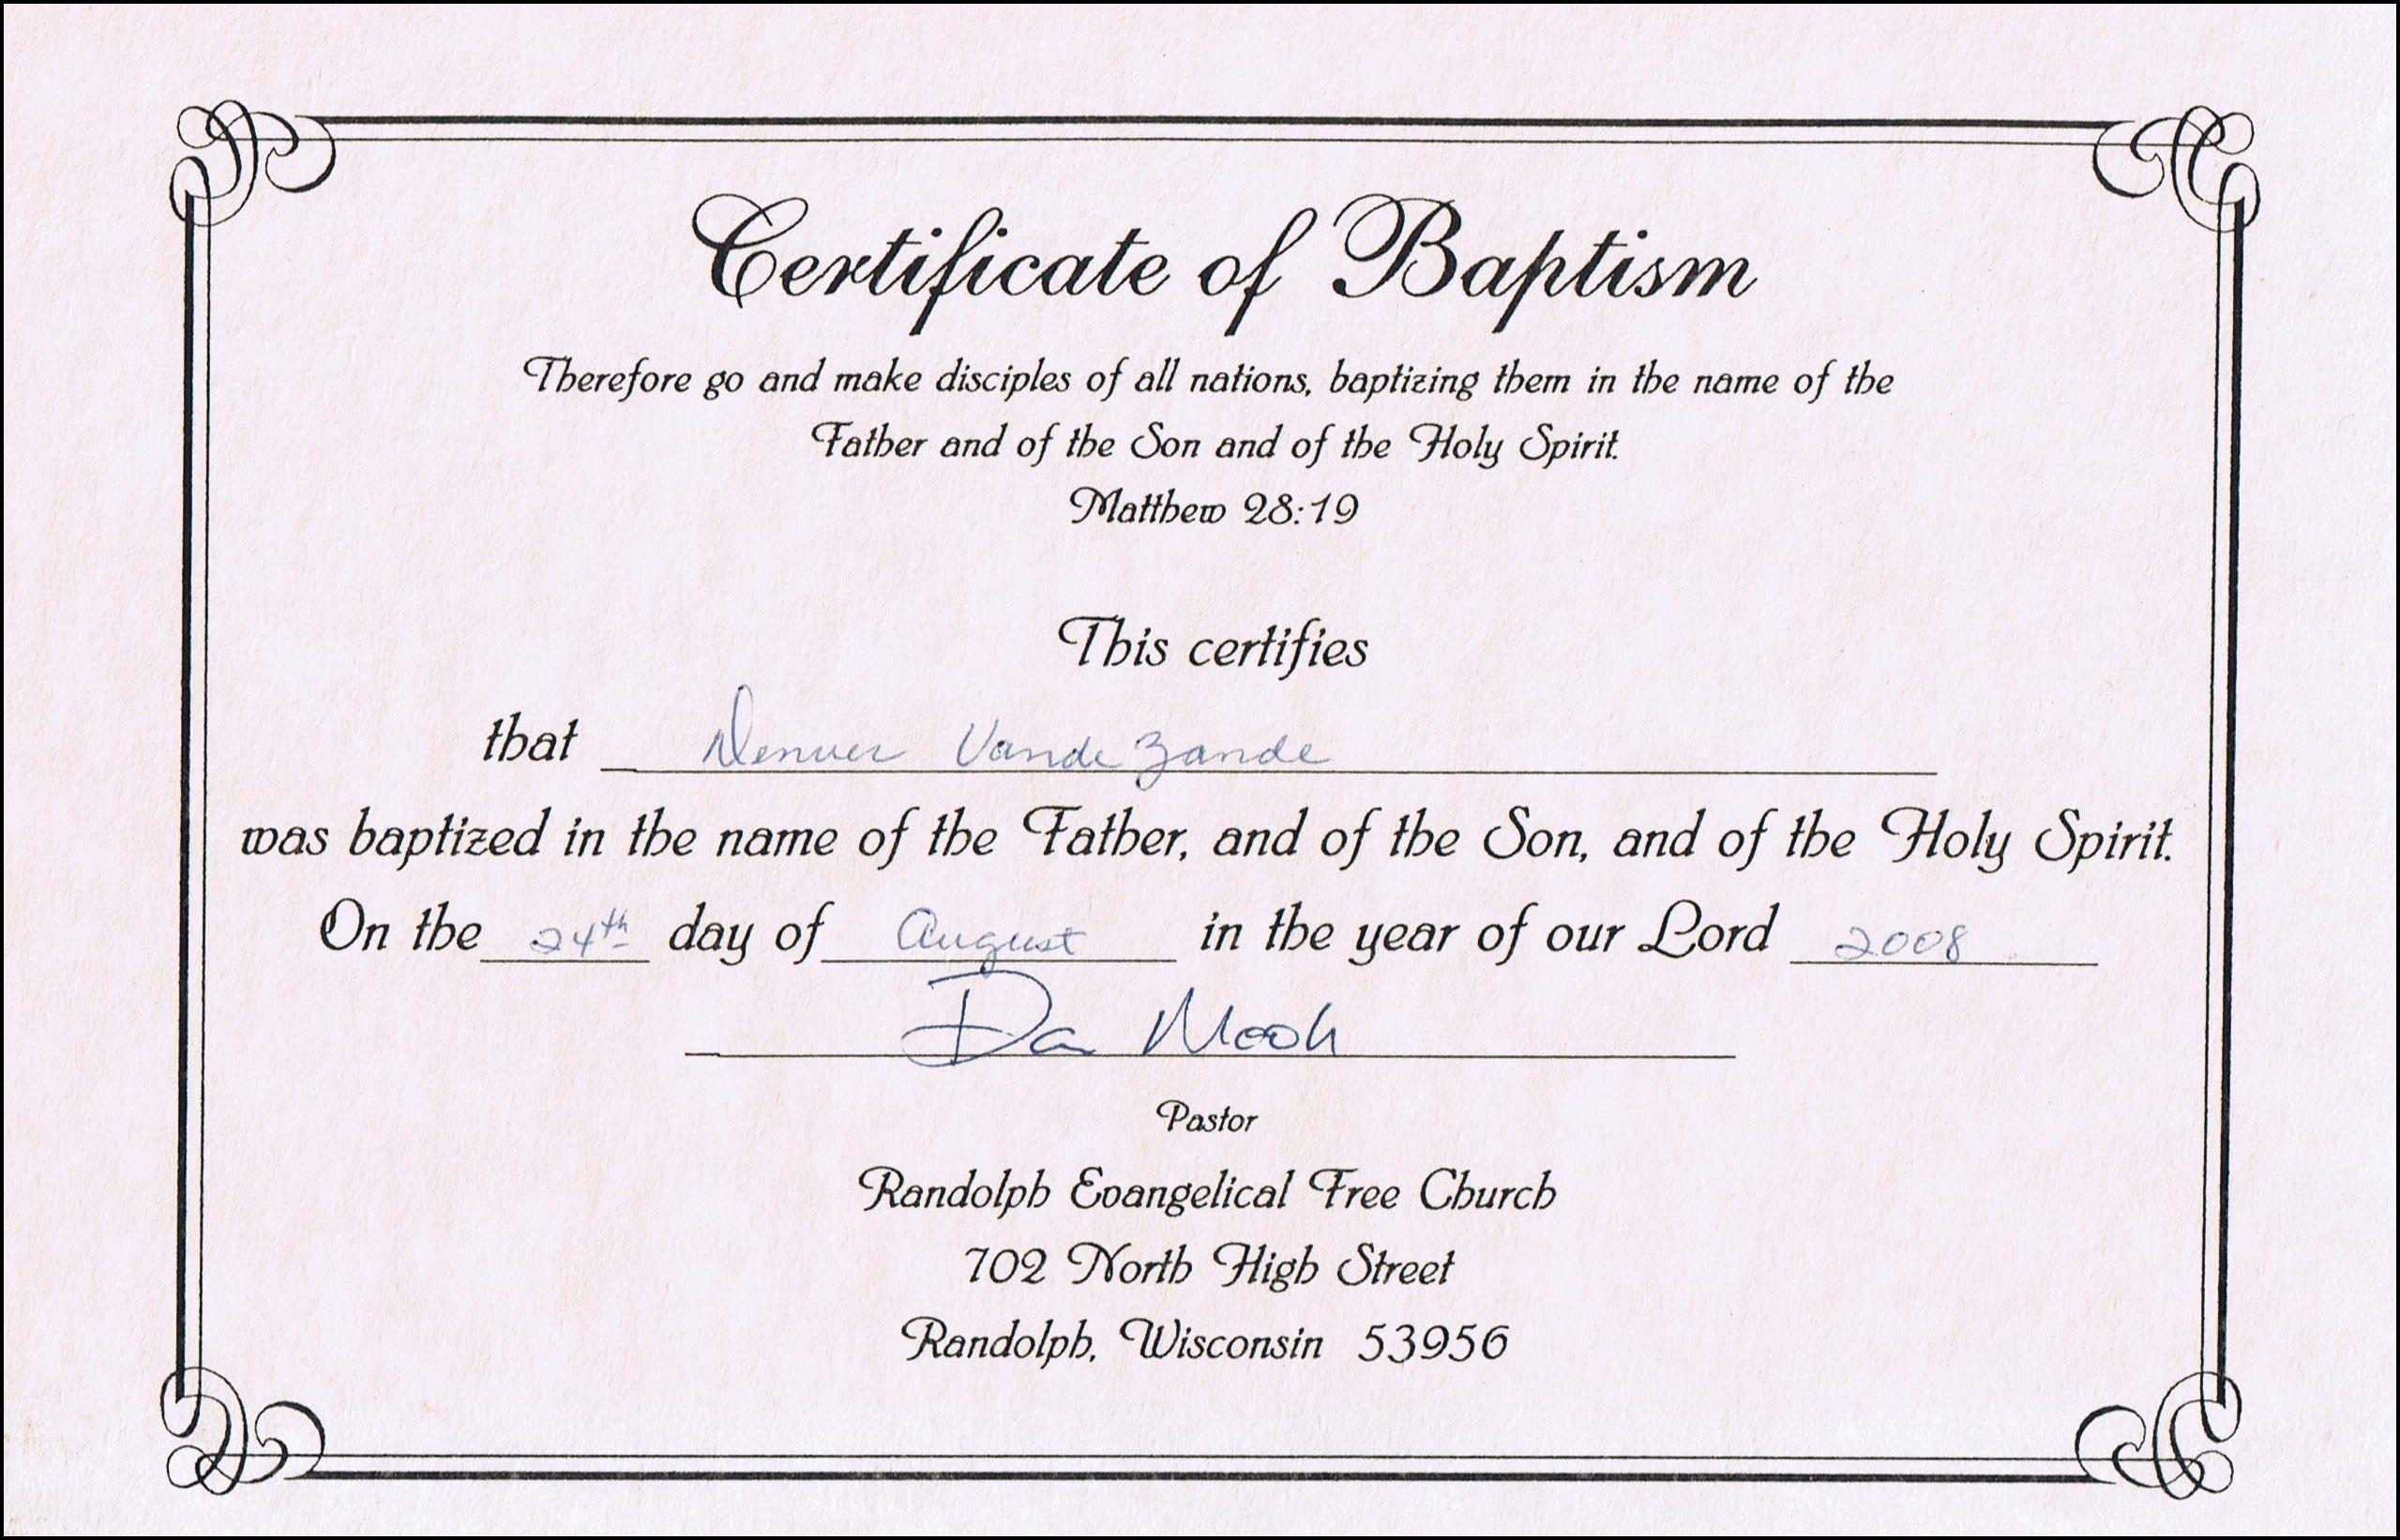 Baptism Certificates Free Online   Denver's Certificate Of Baptism - Free Online Printable Baptism Certificates